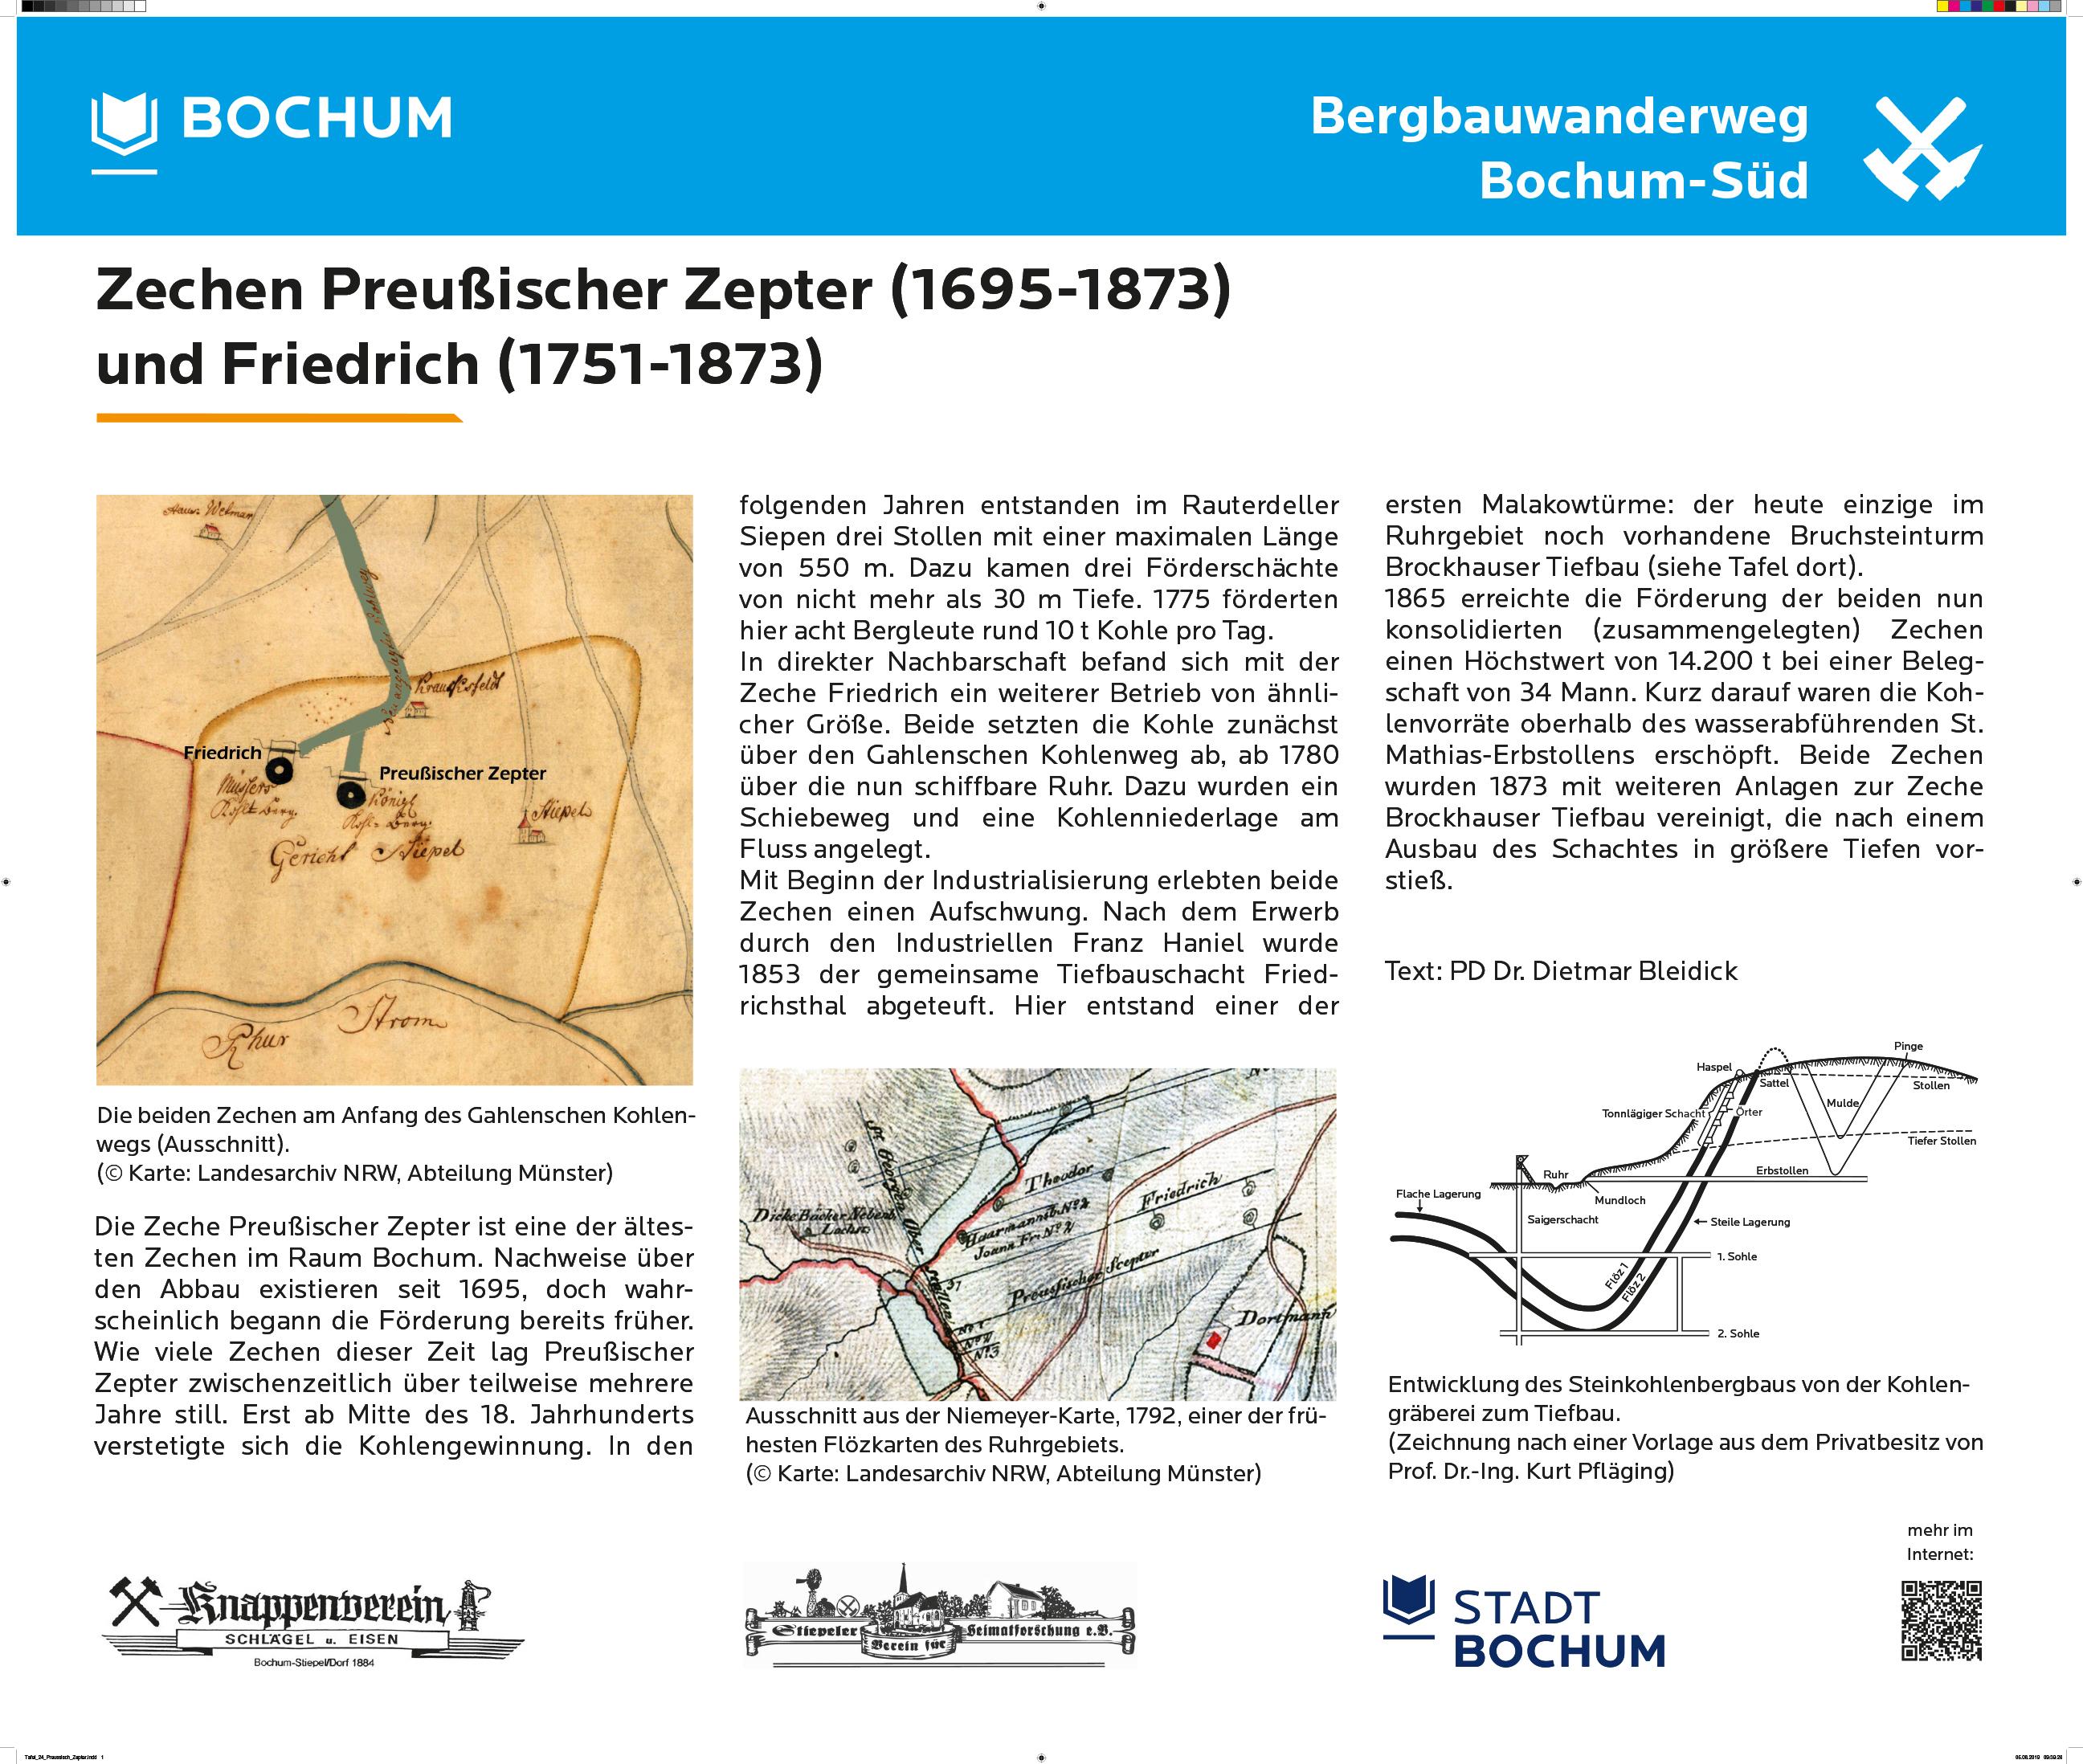 Preußisch Zepter und Friedrich